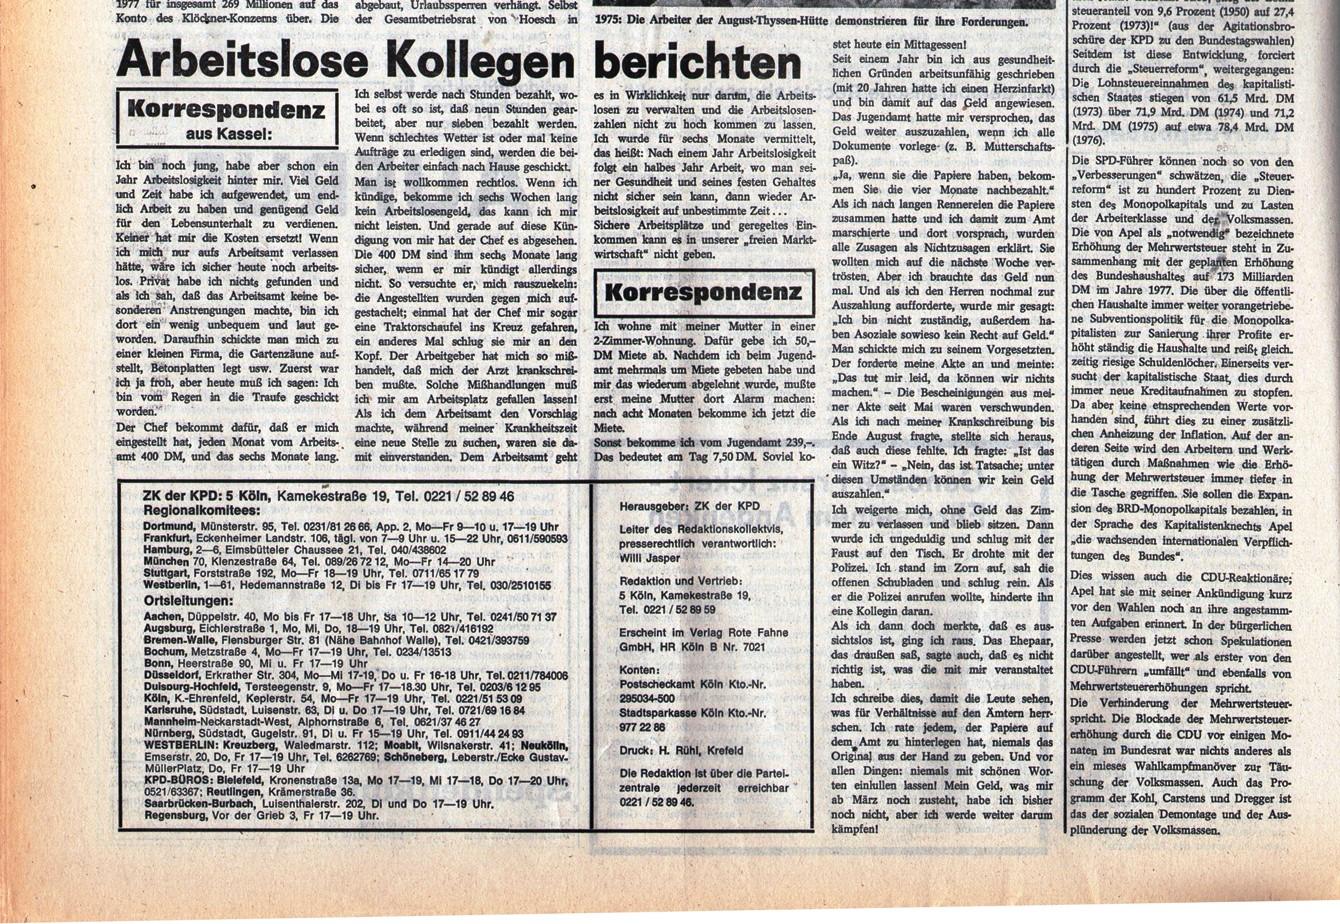 KPD_Rote_Fahne_1976_34_08